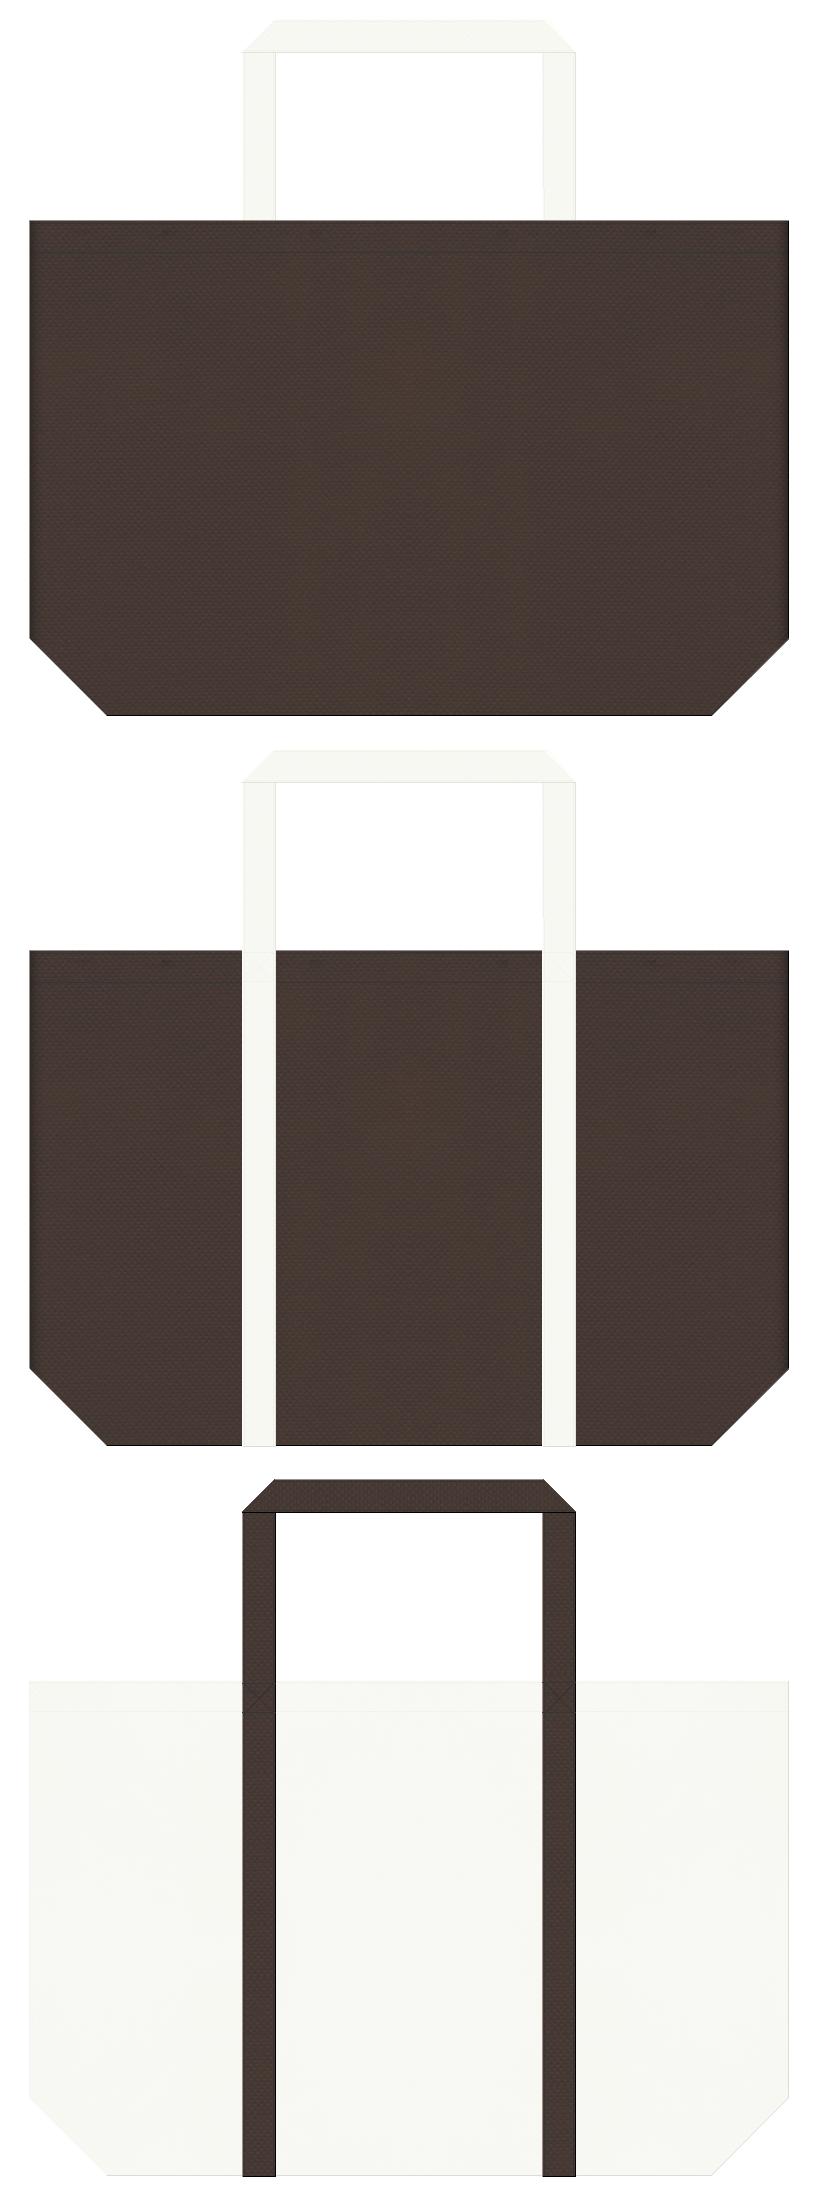 こげ茶色とオフホワイト色の不織布バッグデザイン。コーヒーショップ・マンション・オフィスビル・美容室・店舗インテリア・動物病院のノベルティにお奨めの配色です。